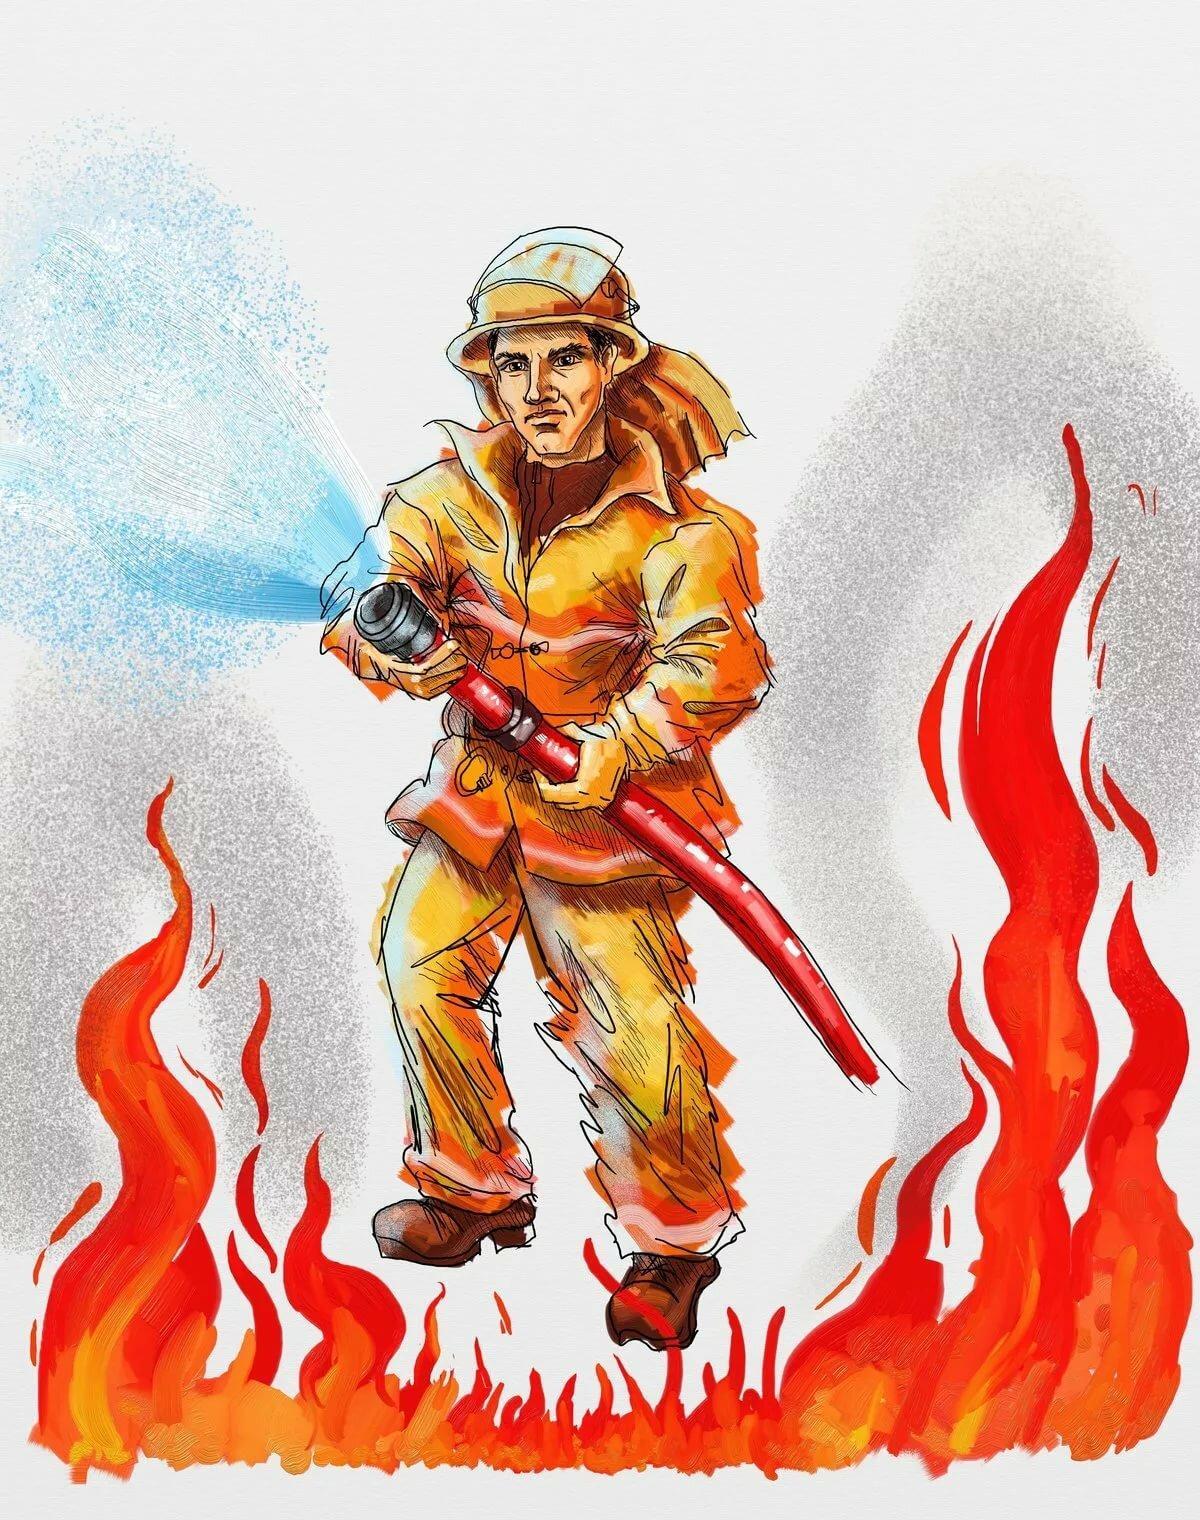 Рисунок пожарный профессия героическая